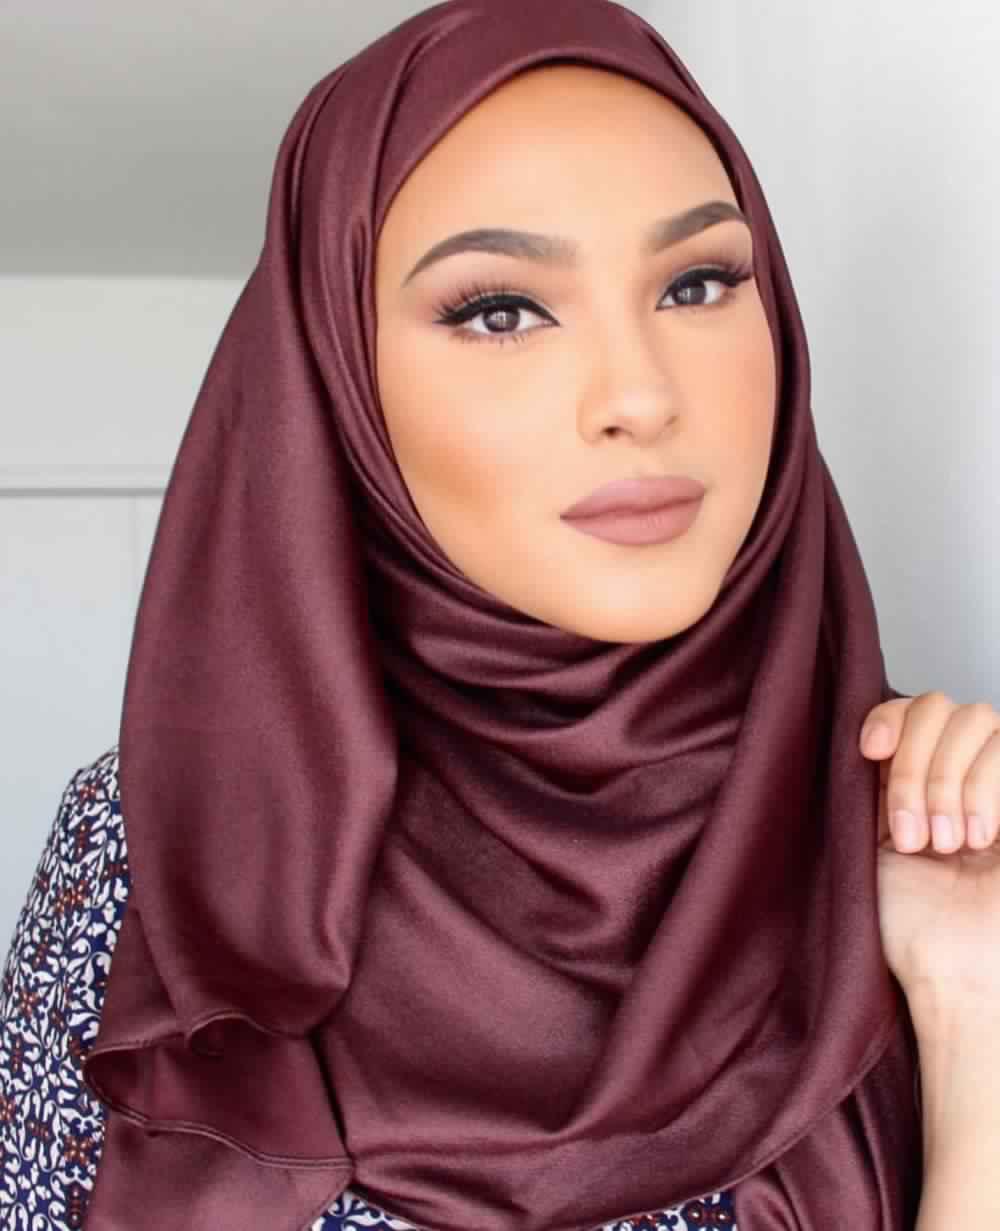 facon-de-hijab-6